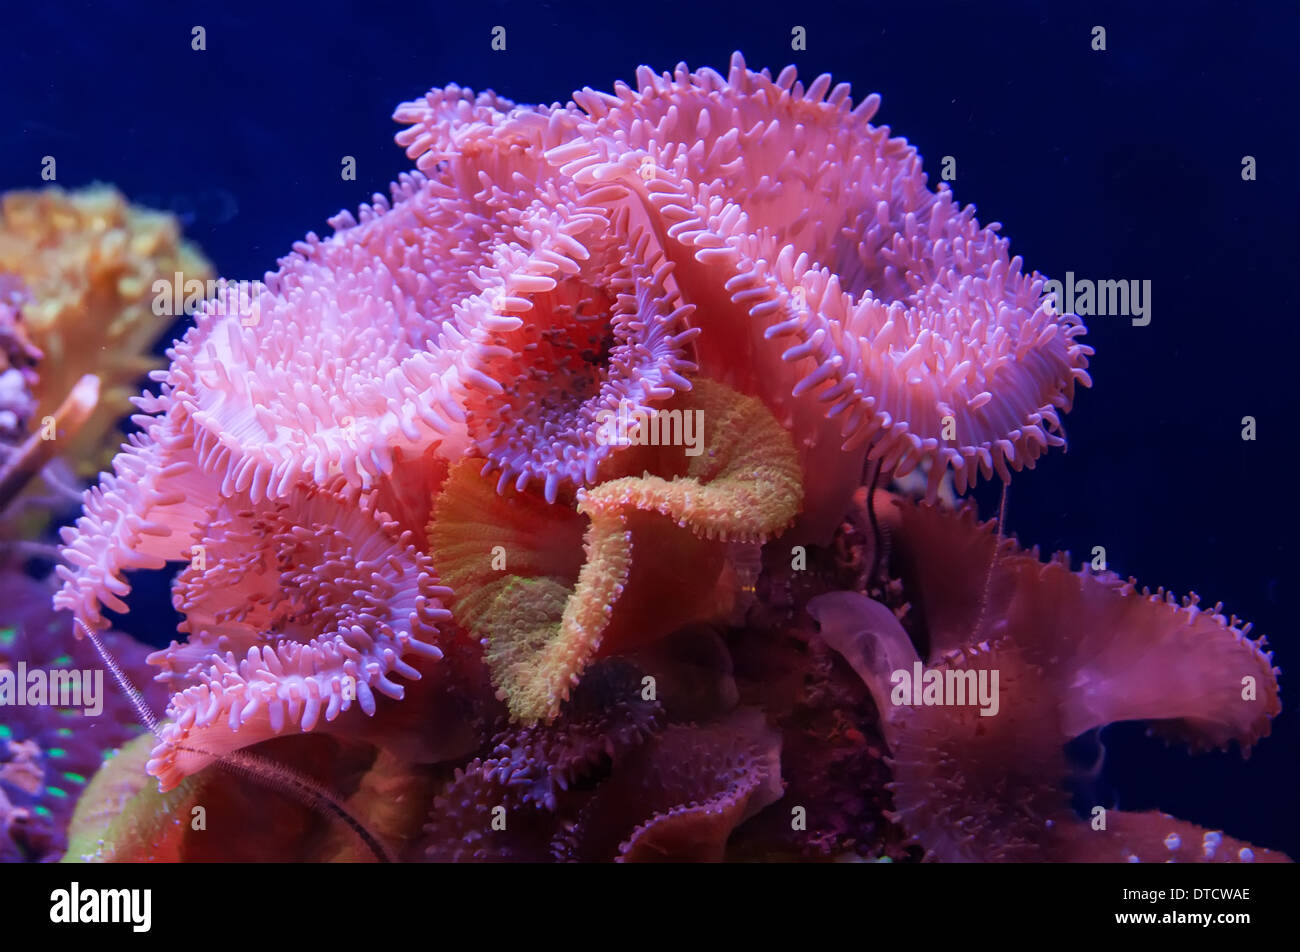 Aquarium coral reef - Stock Image